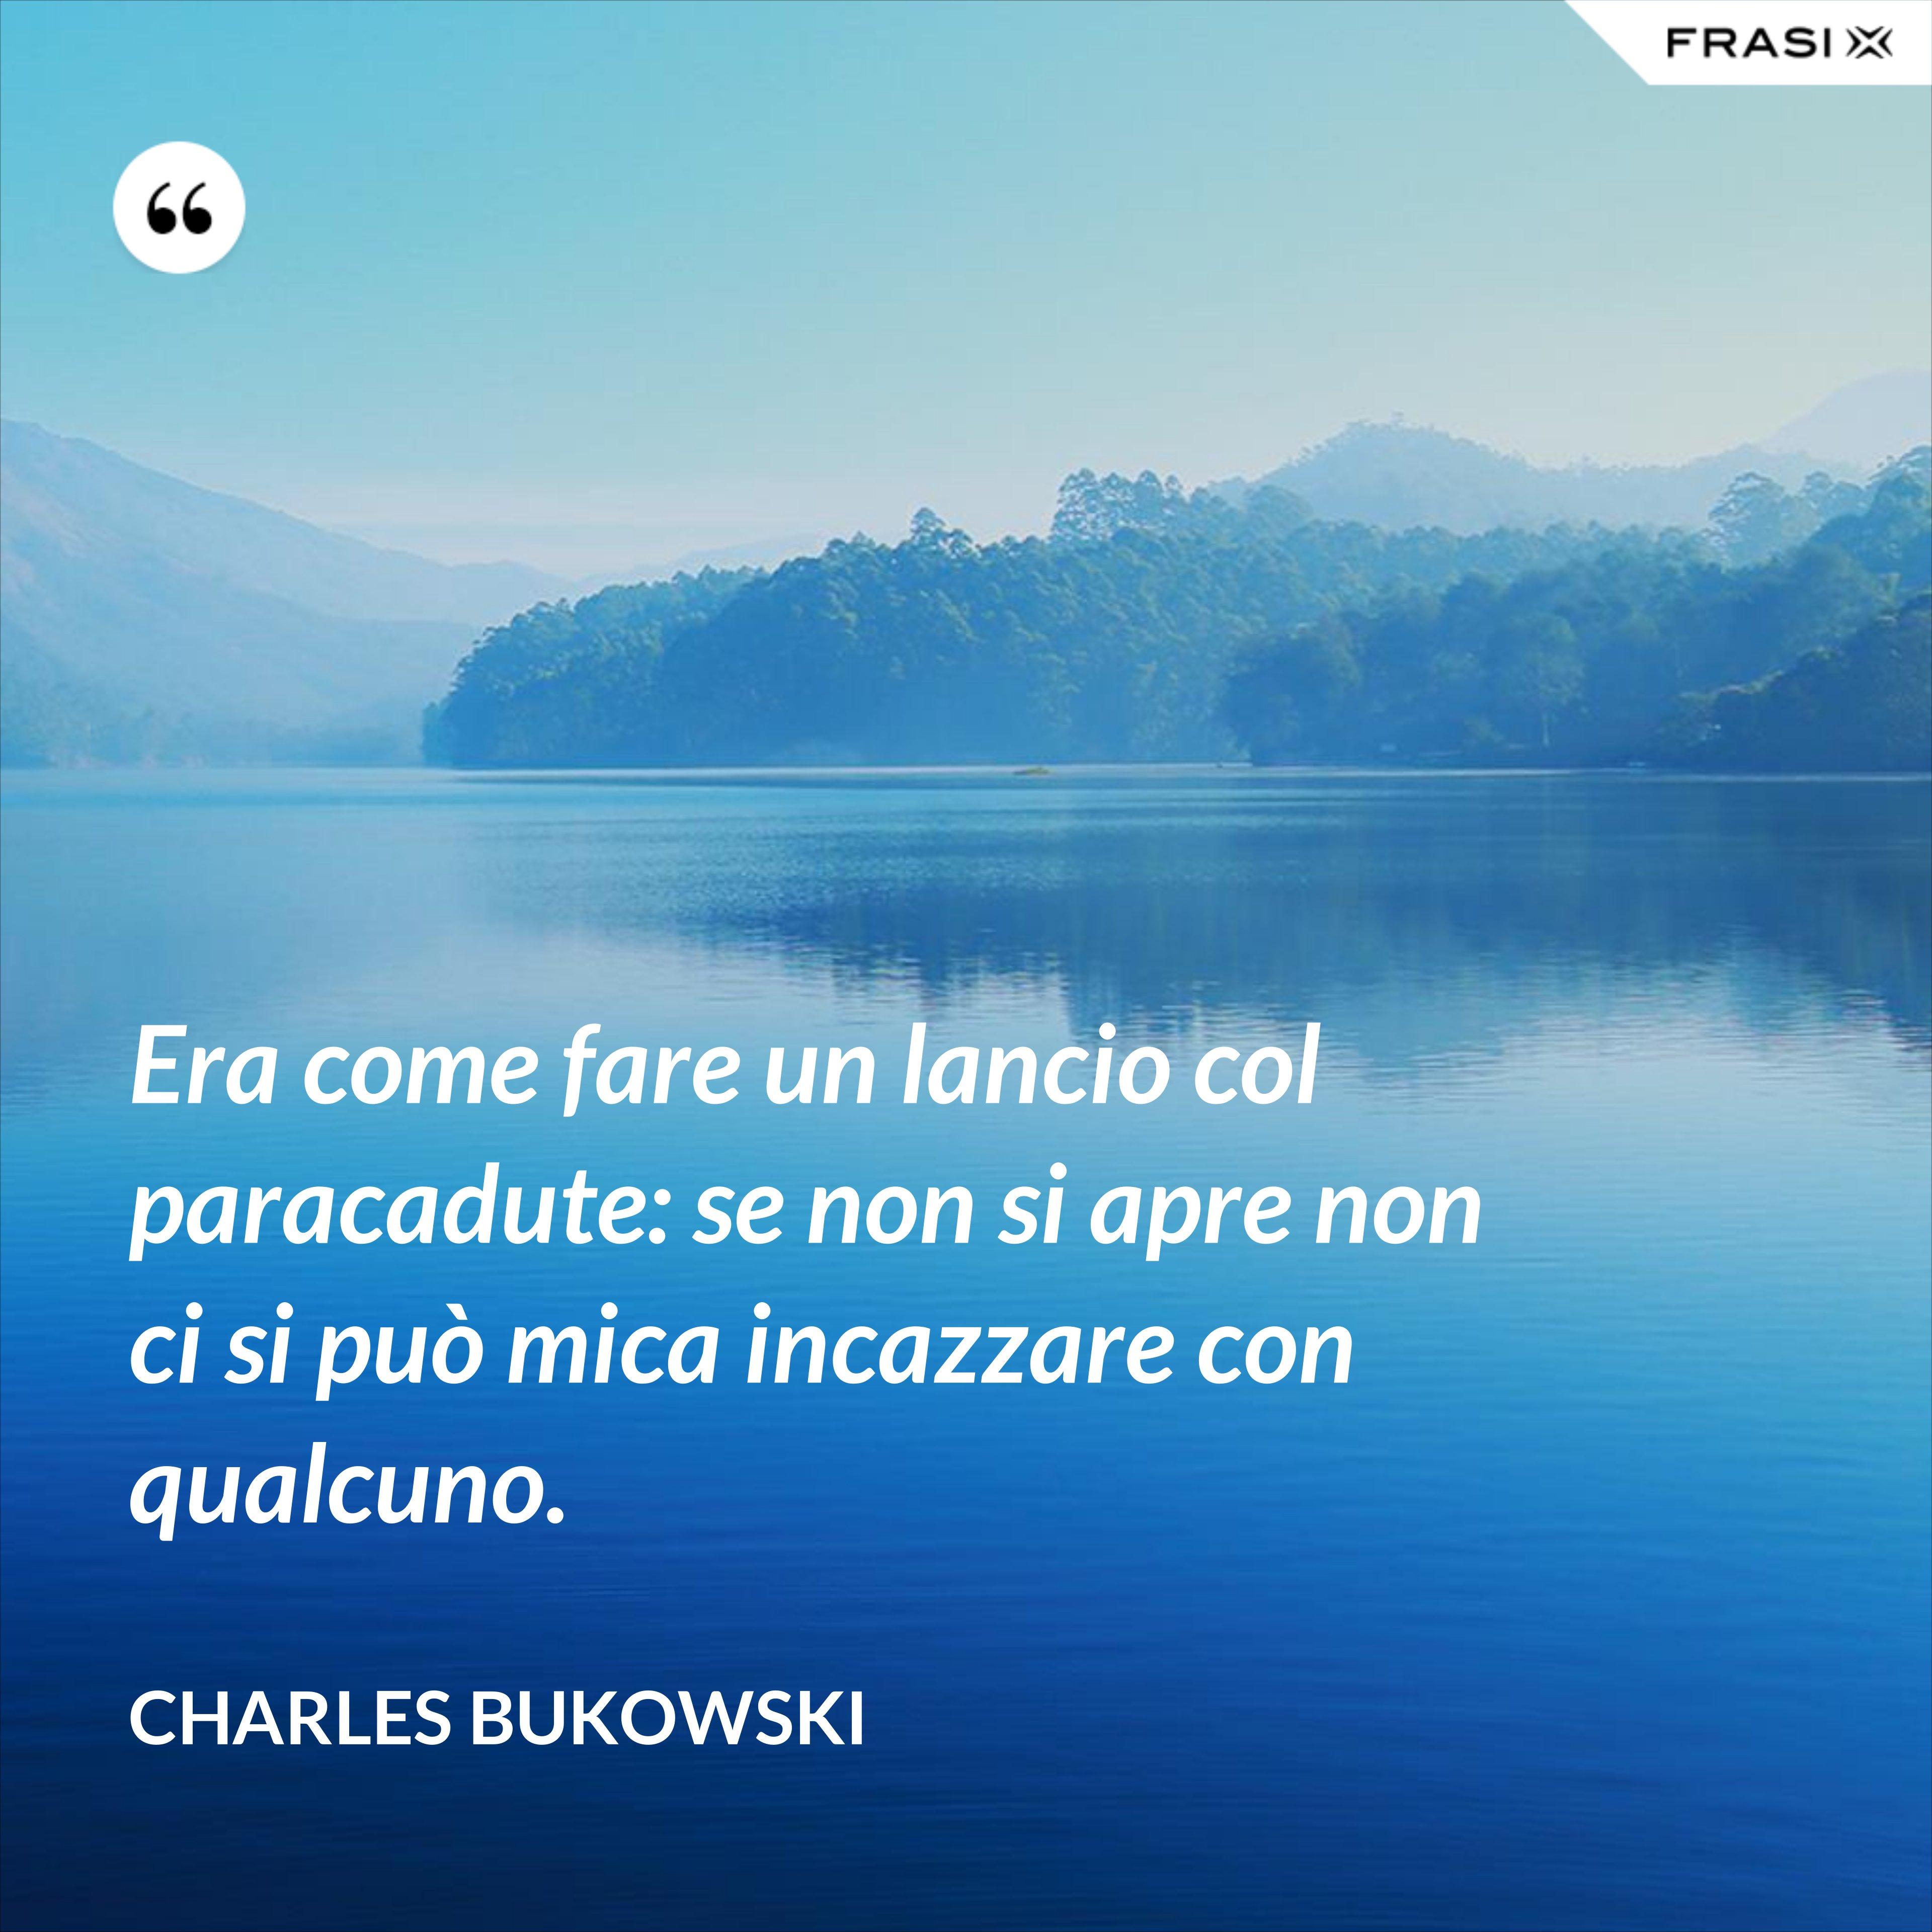 Era come fare un lancio col paracadute: se non si apre non ci si può mica incazzare con qualcuno. - Charles Bukowski